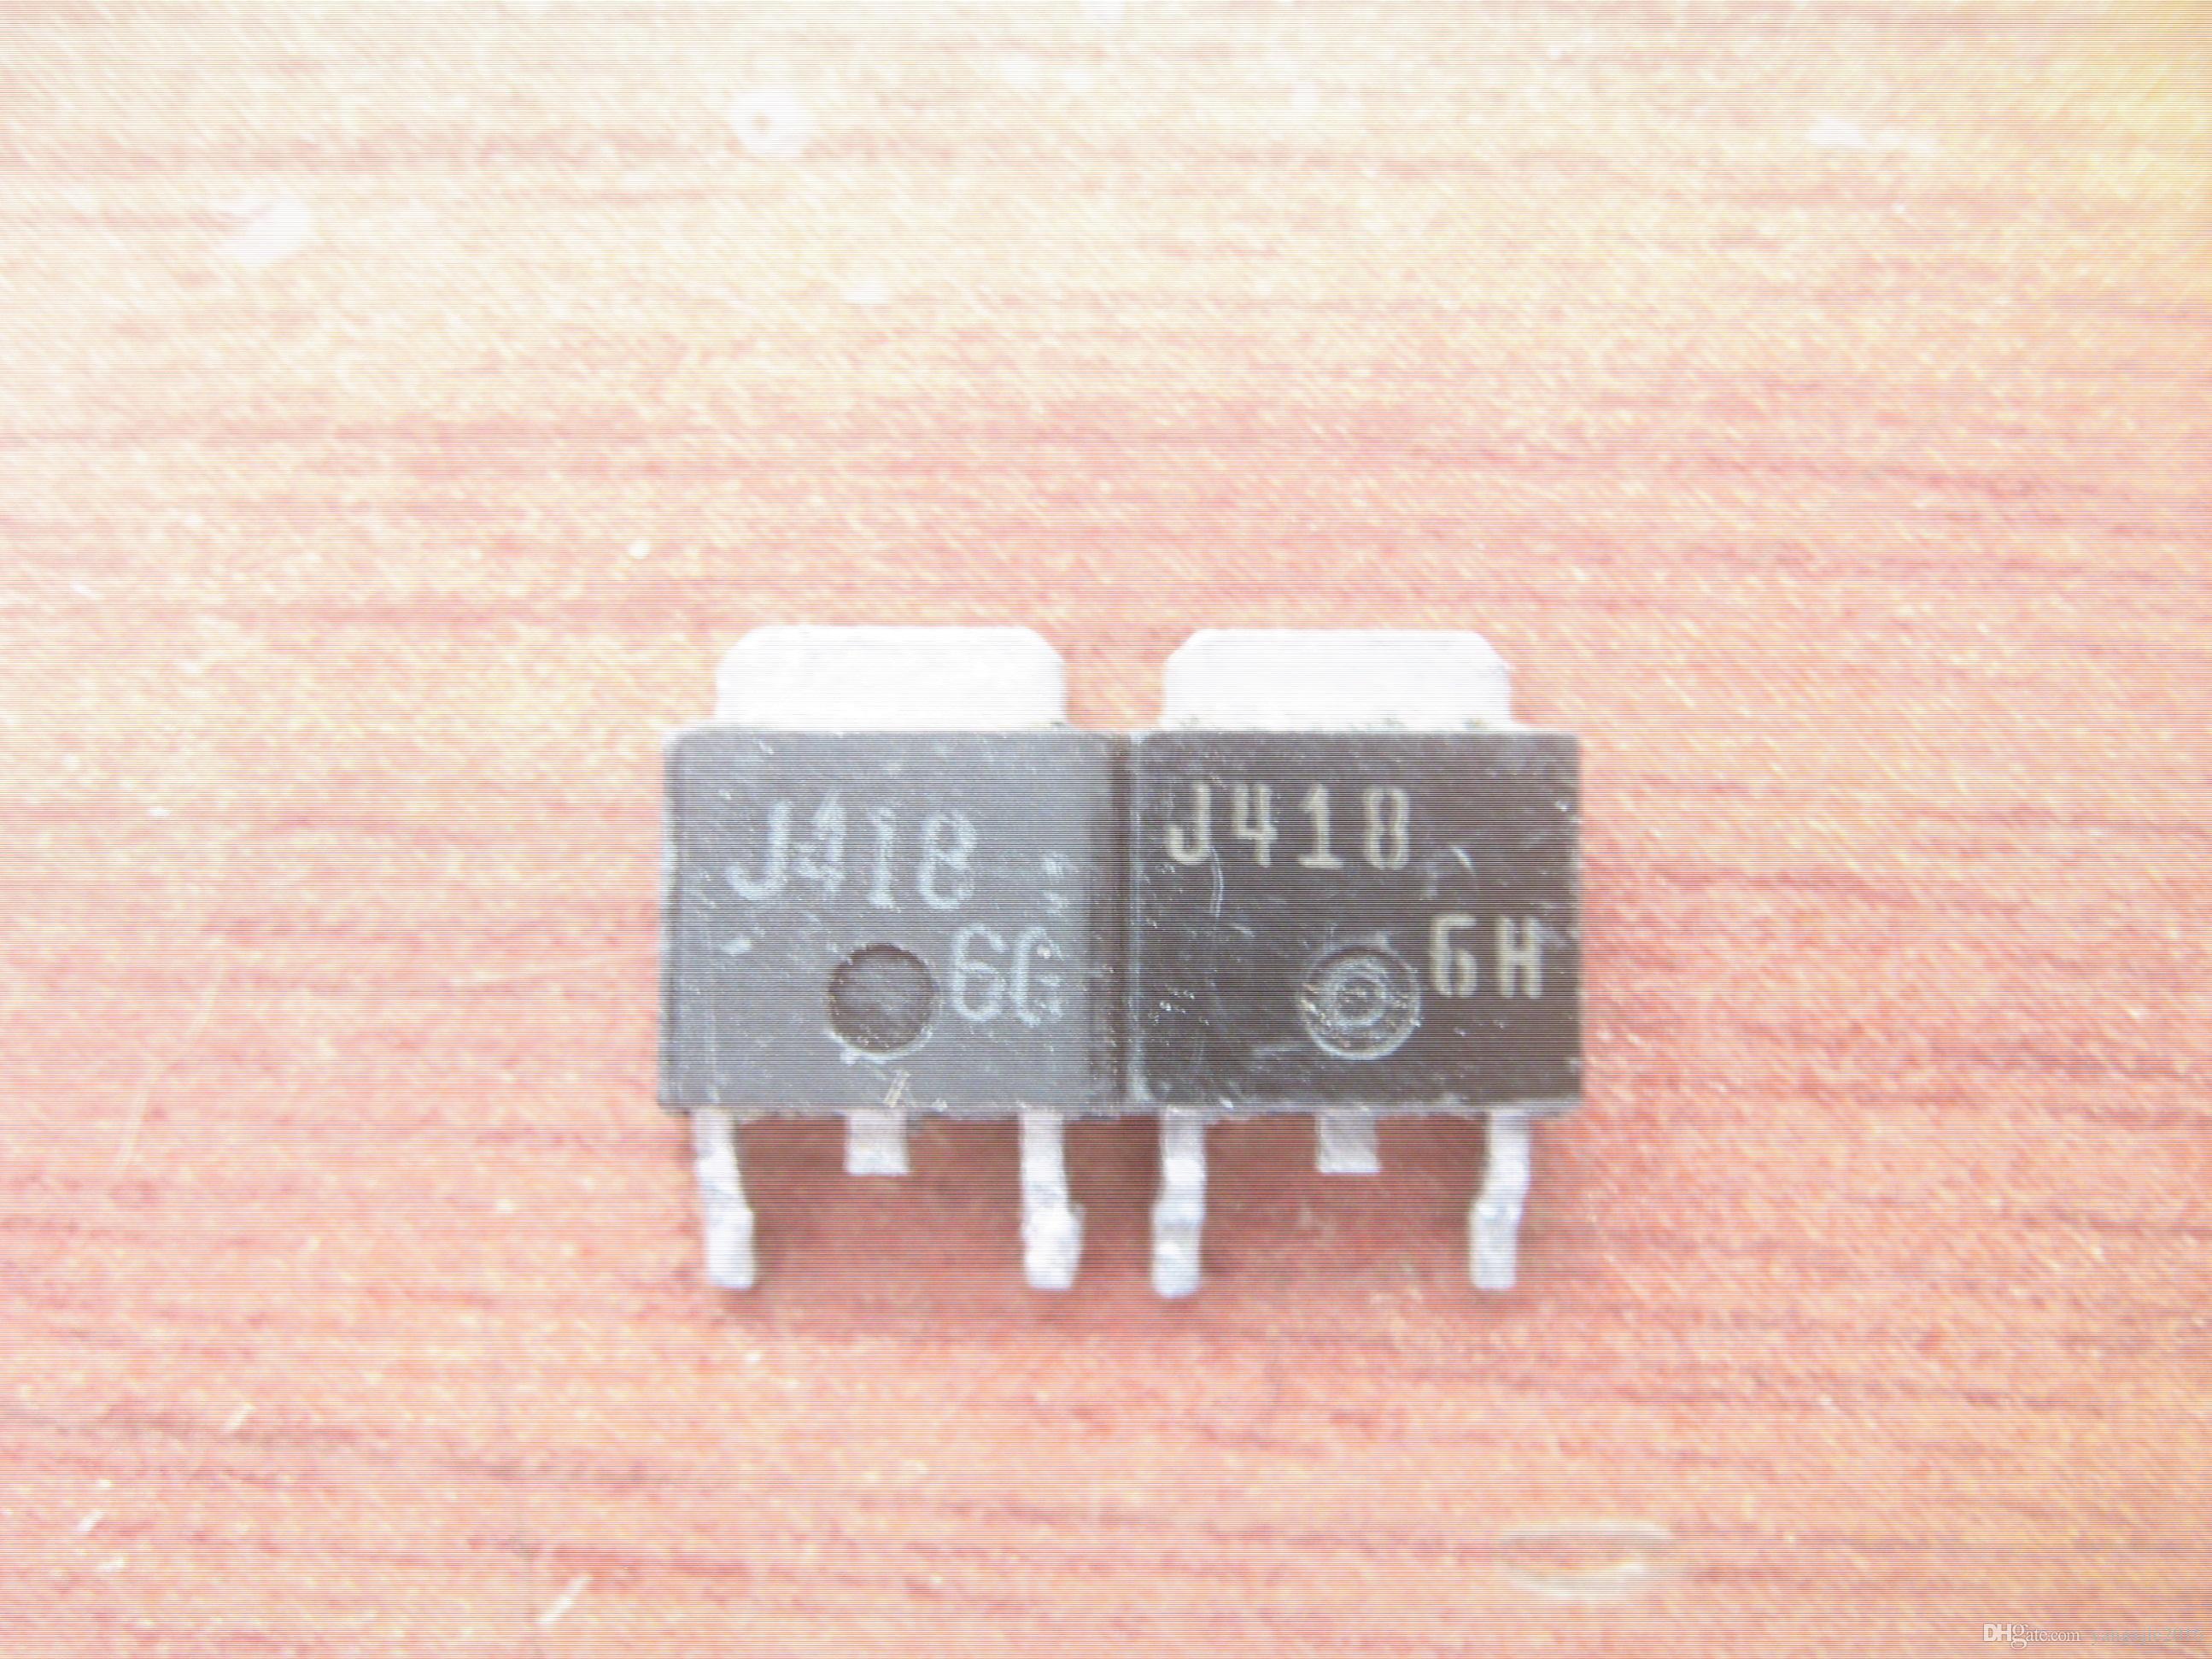 Usado usado do MOSFET 2SJ418 J418 TO-252 do MOSFET do transistor de campo-efeito aprovado